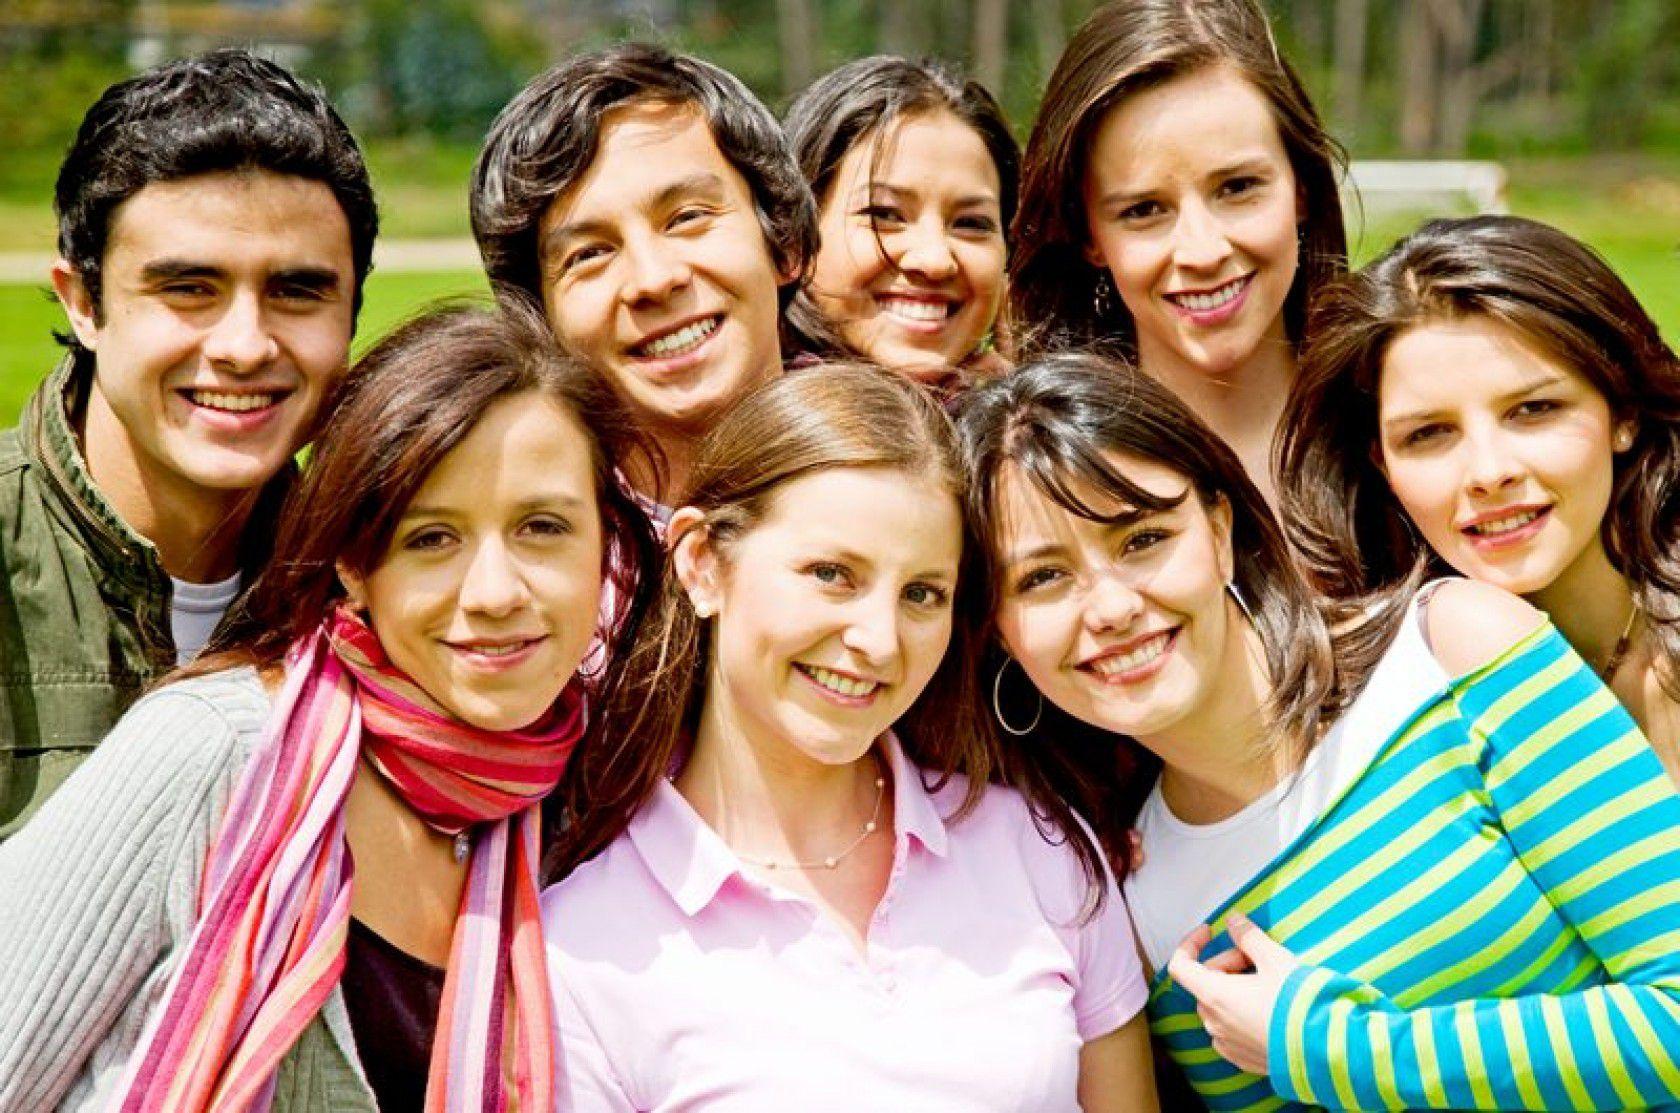 Yurtdışında IB Lise Diploması Almanın Yöntemleri Nelerdir?